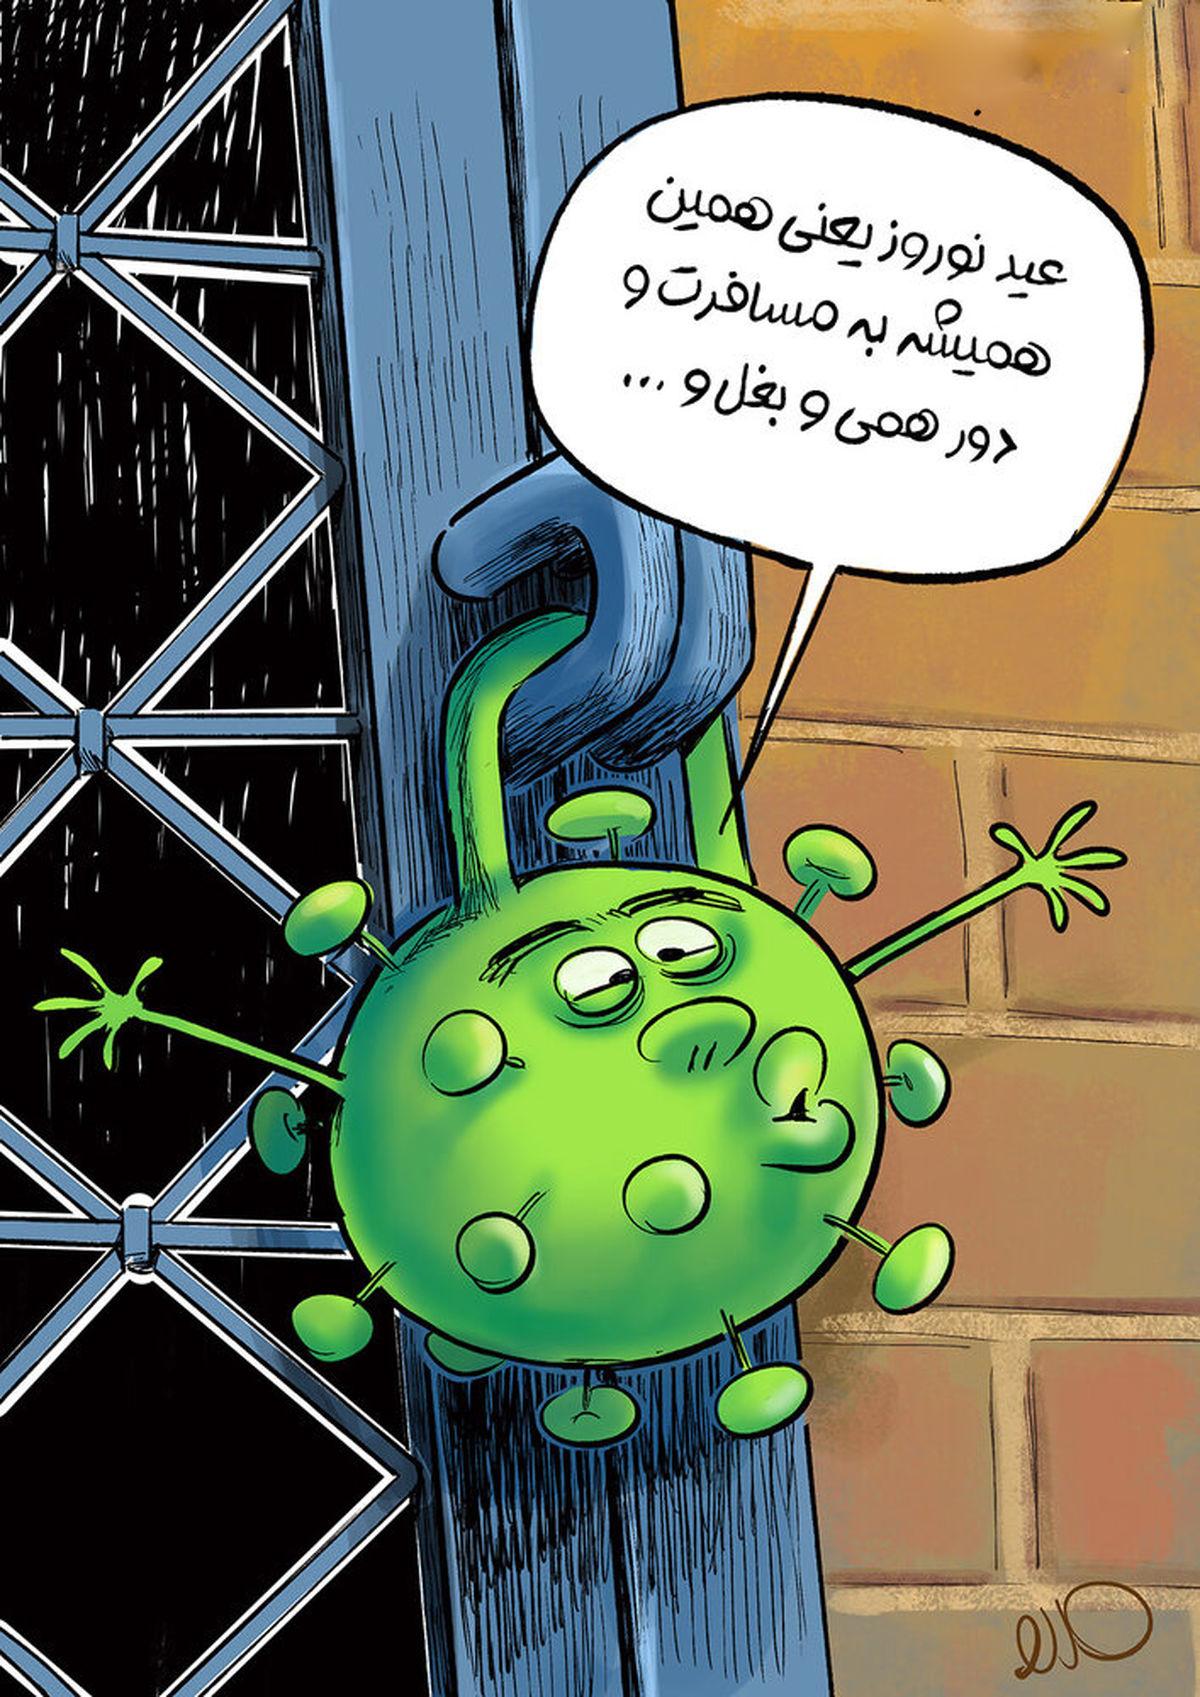 تعطیلات نوروزی اینجوری تمدید شد! +کاریکاتور